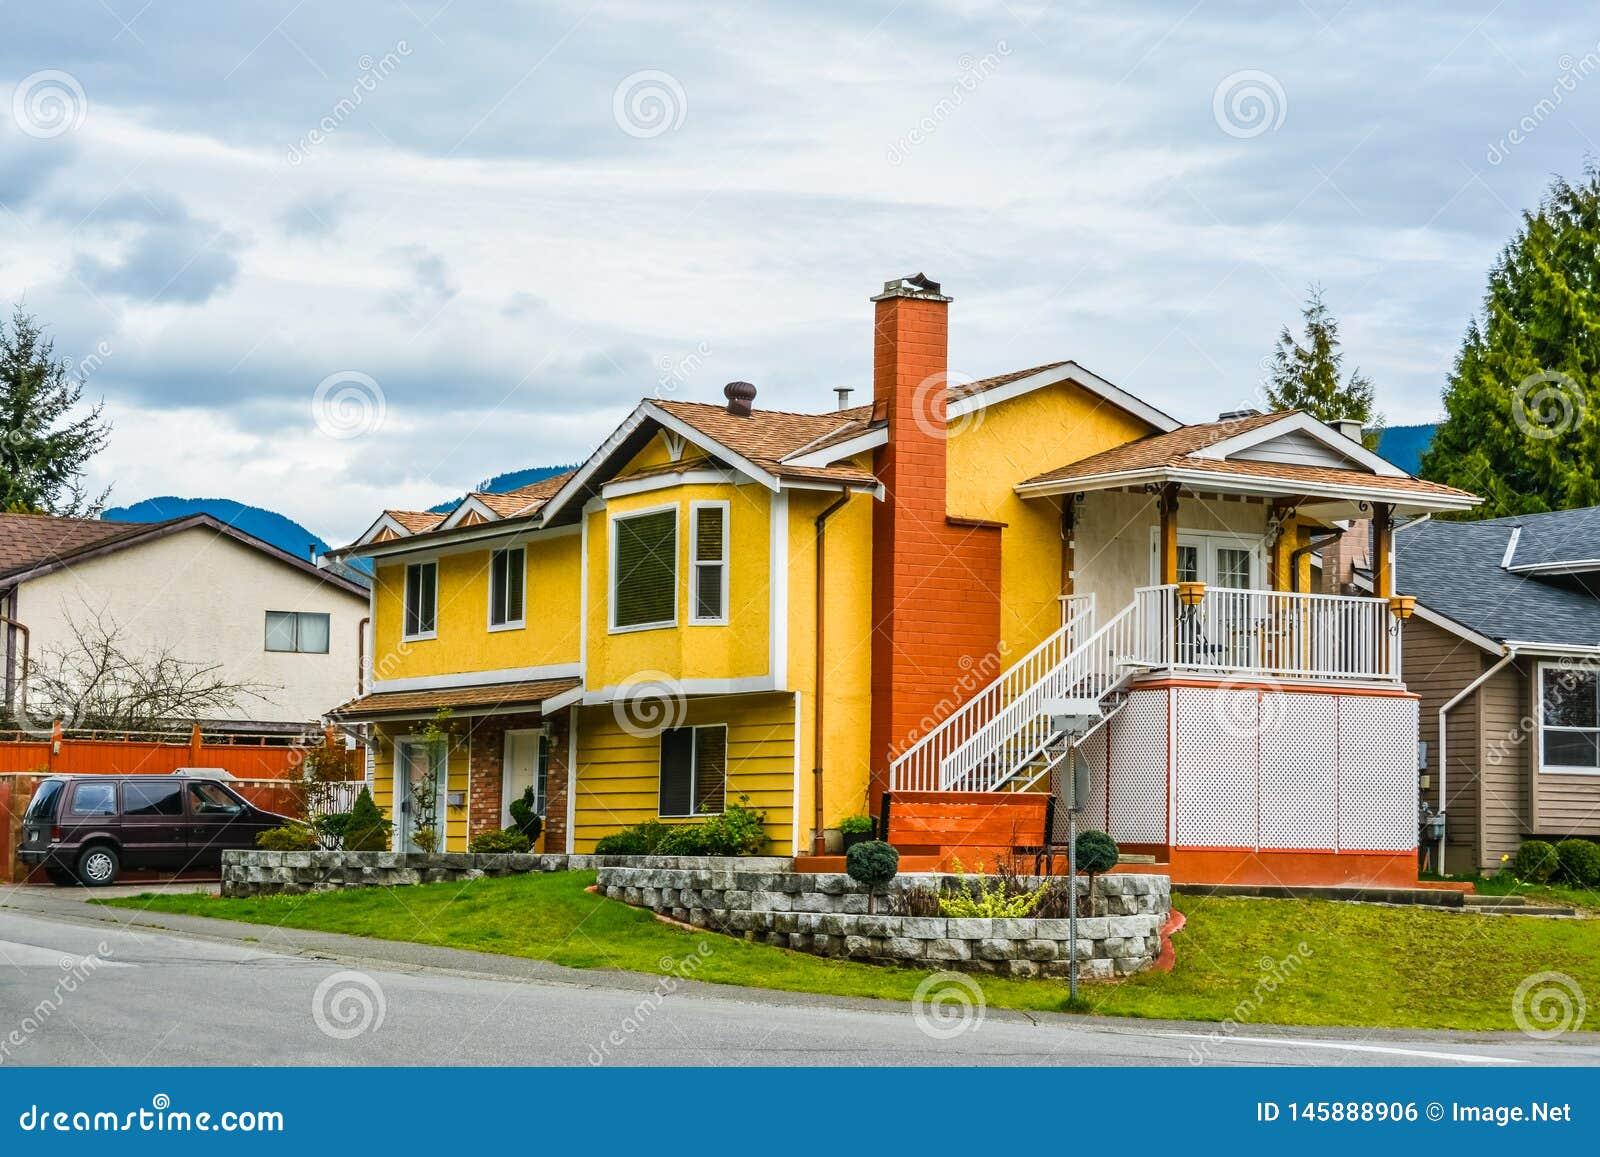 Casa gialla della famiglia con un automobile sulla strada privata sul fondo del cielo nuvoloso